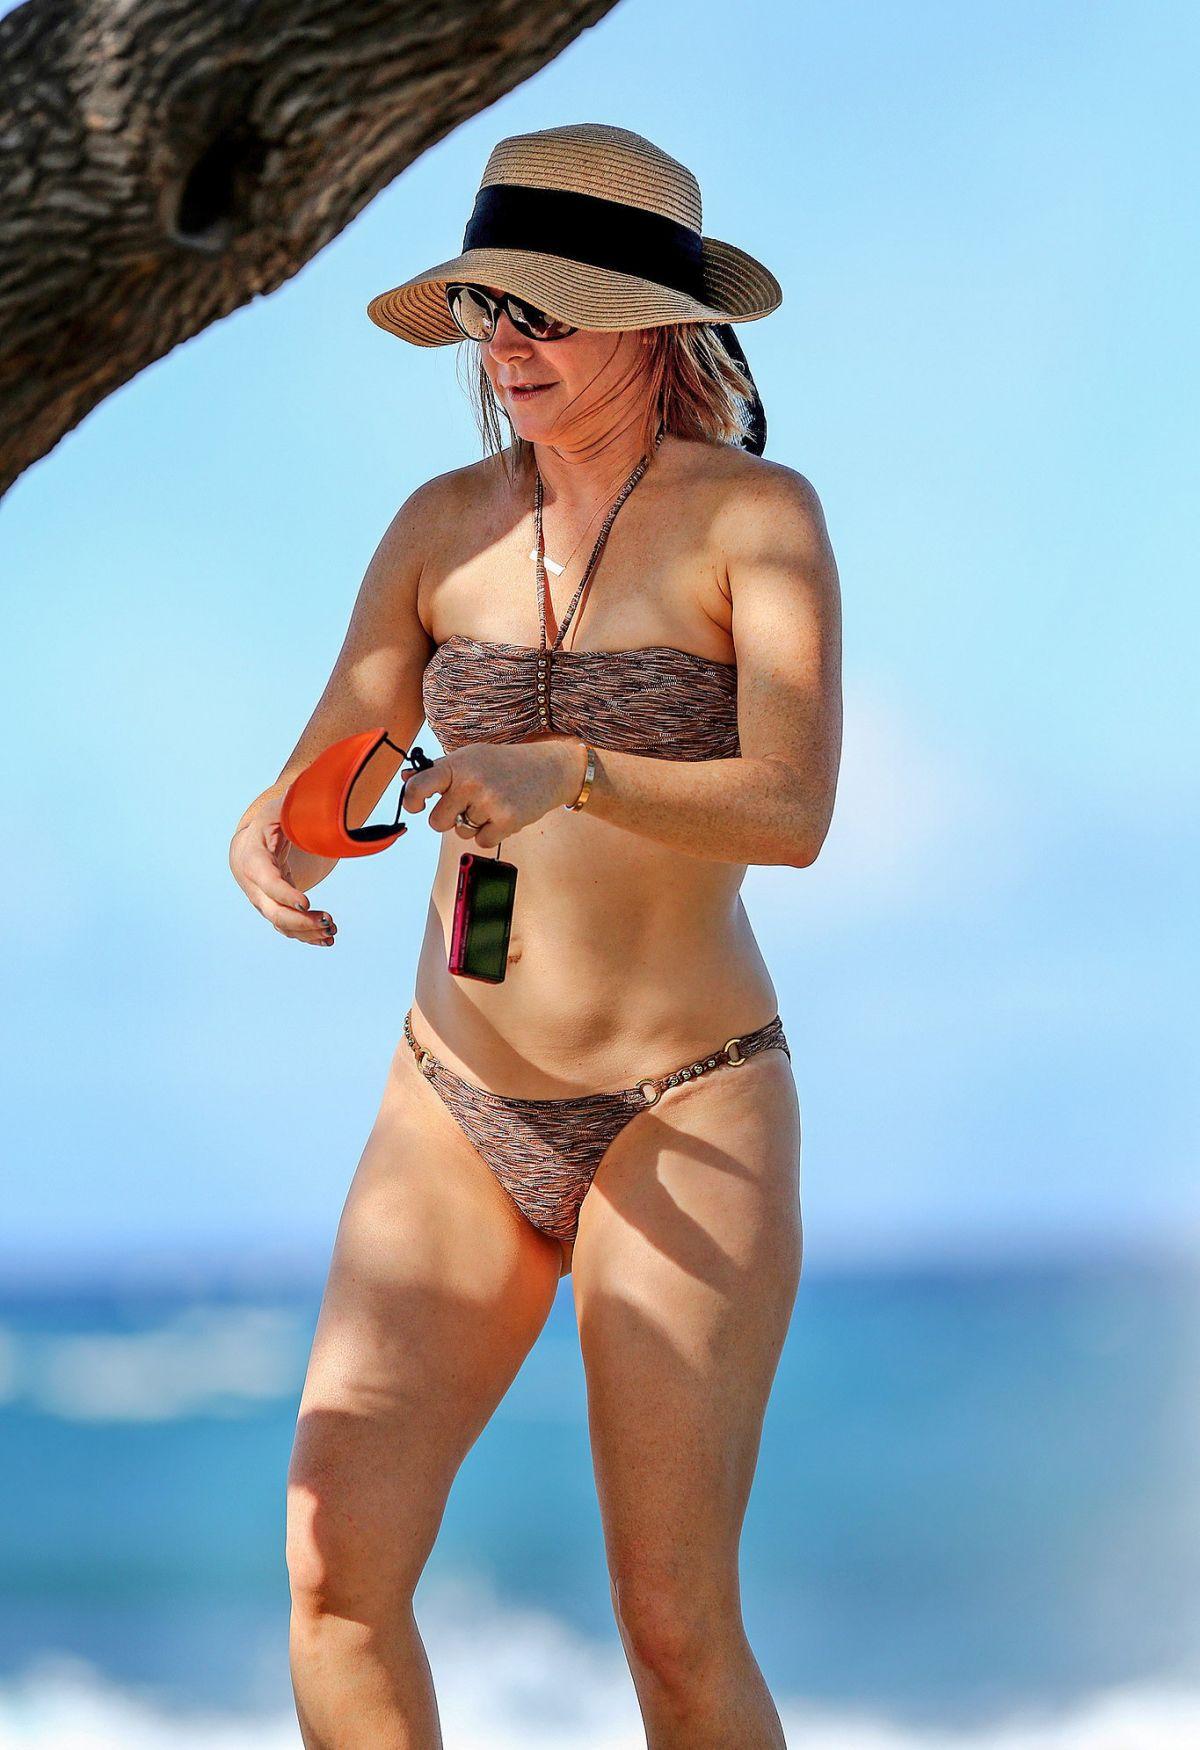 ALYSON HANNIGAN in Bikini on the Beach in Hawaii - HawtCelebs